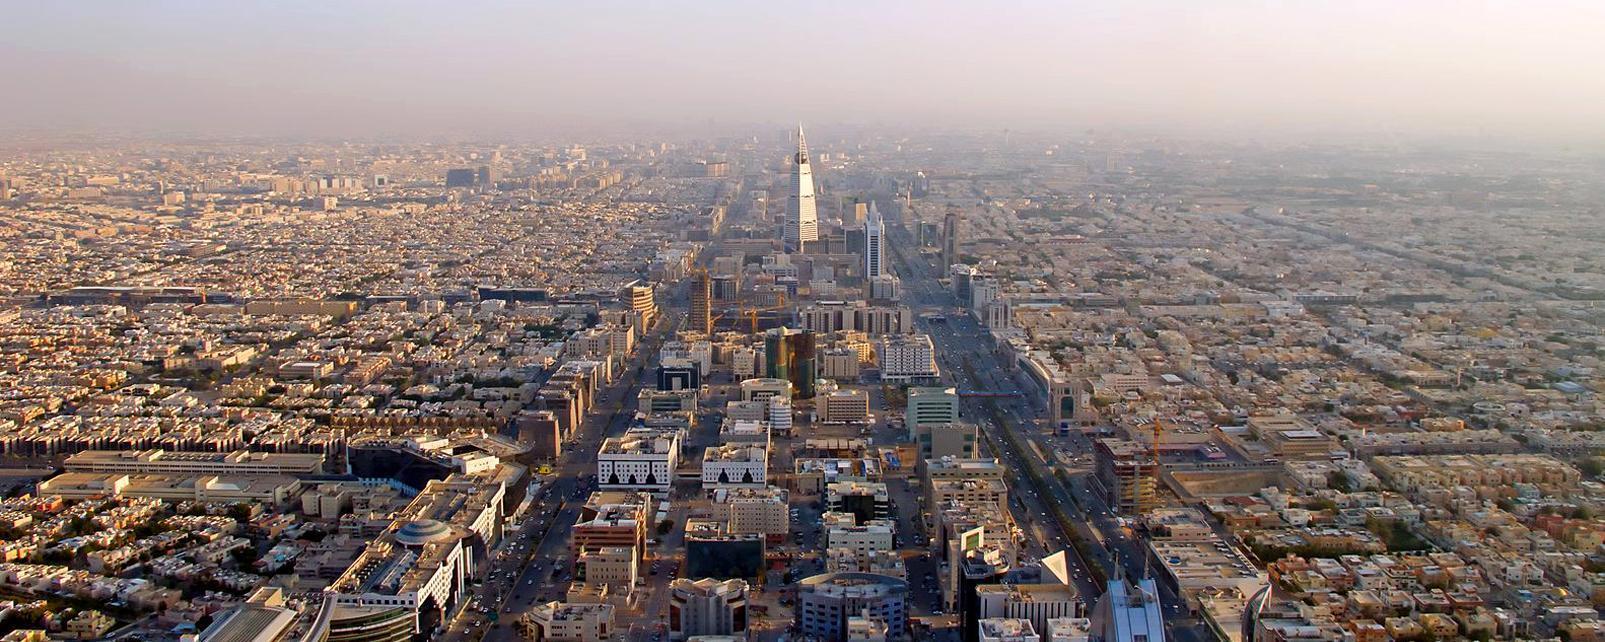 Riyadh King Khaled International Airport